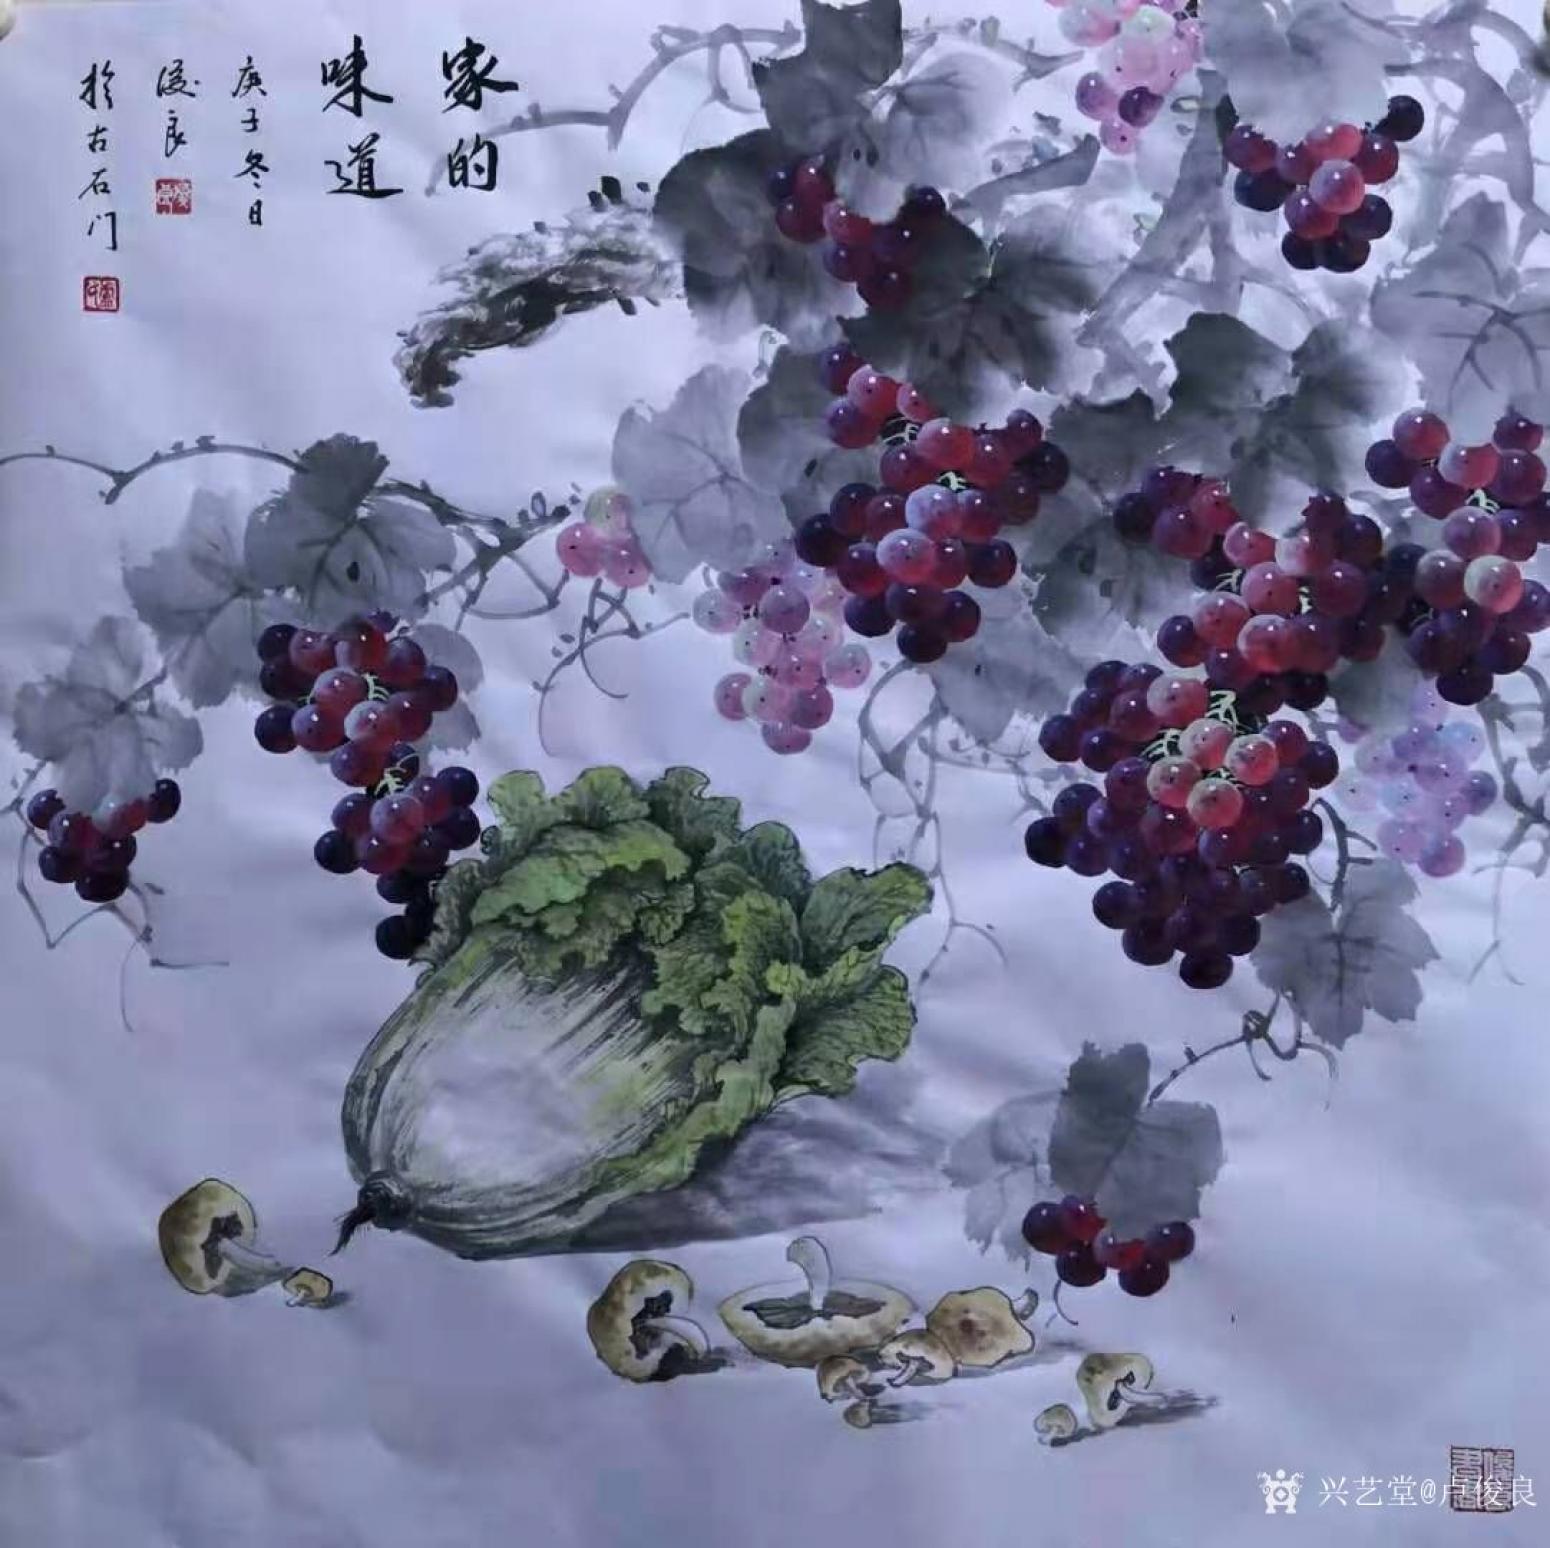 卢俊良国画作品《白菜葡萄-家的味道》【图0】